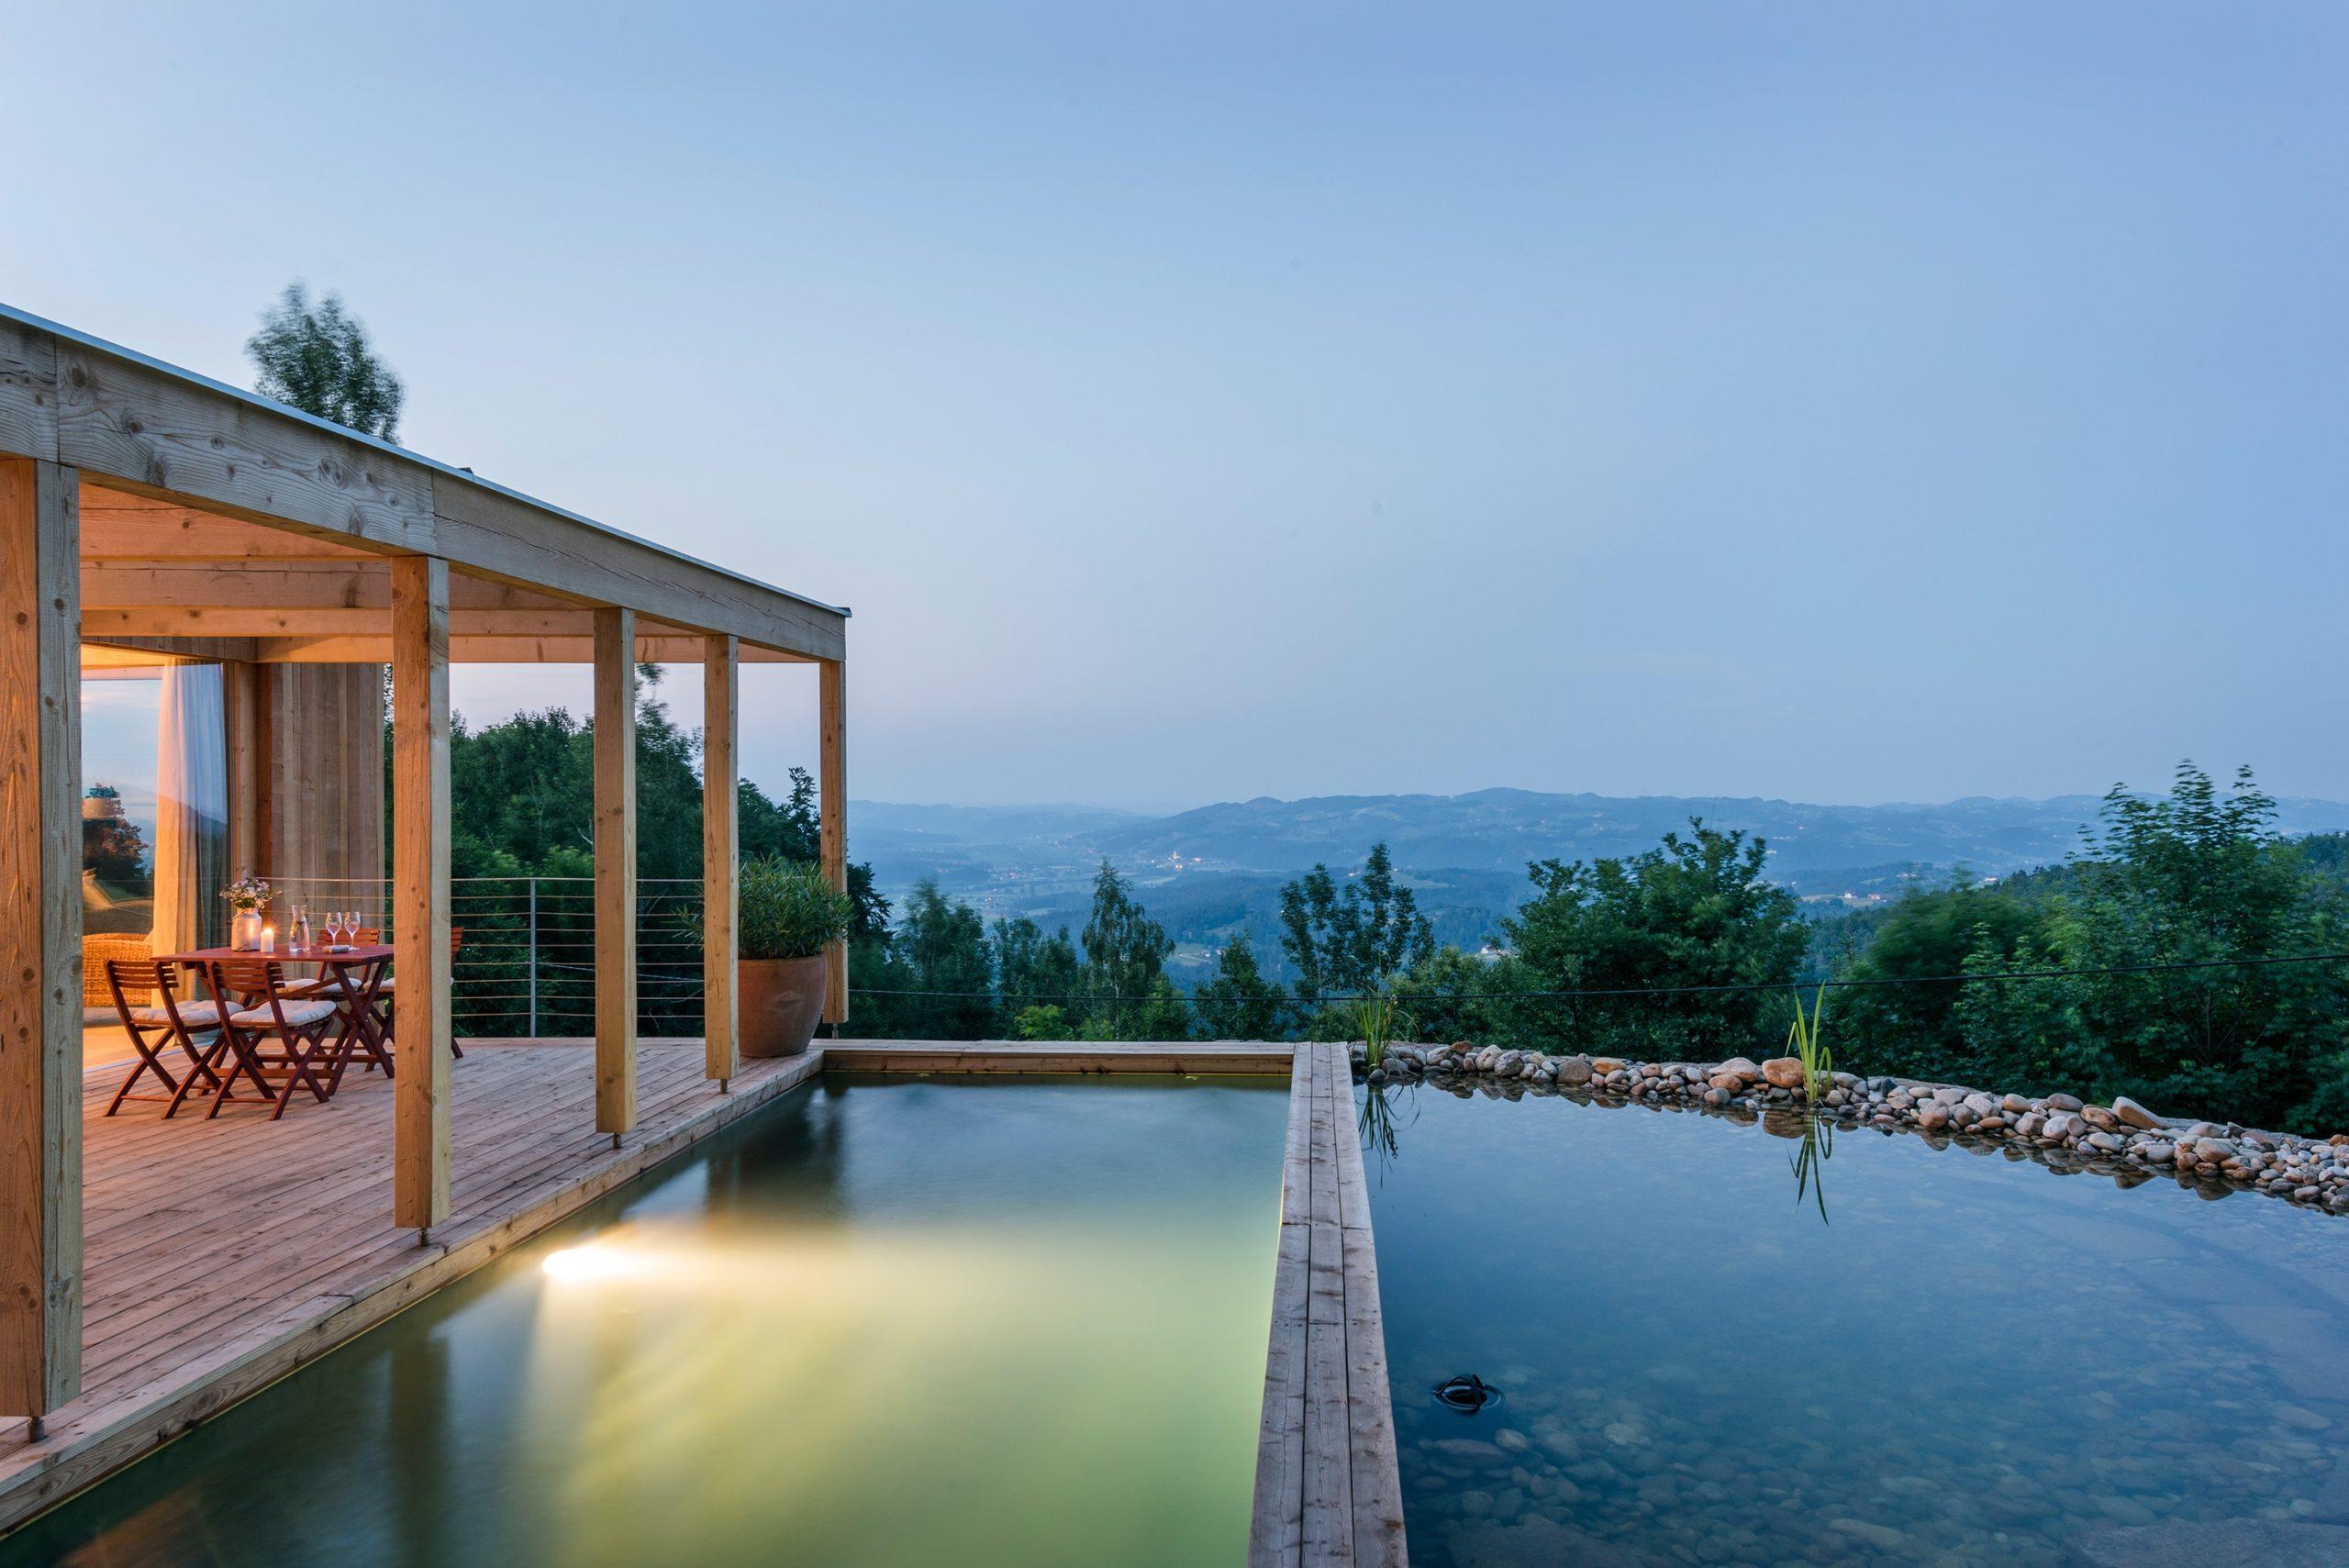 stadl-altenbach-aussen-nacht-pool